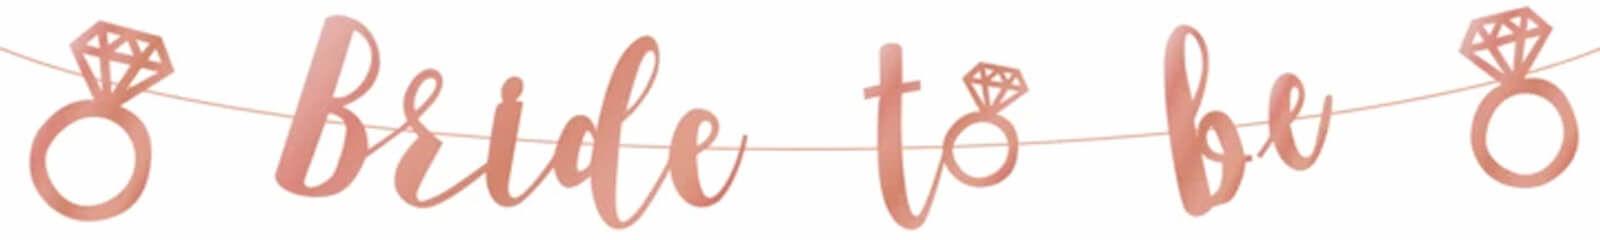 Baner z napisem Bride to be różowe złoto - 150 cm - 1 szt.